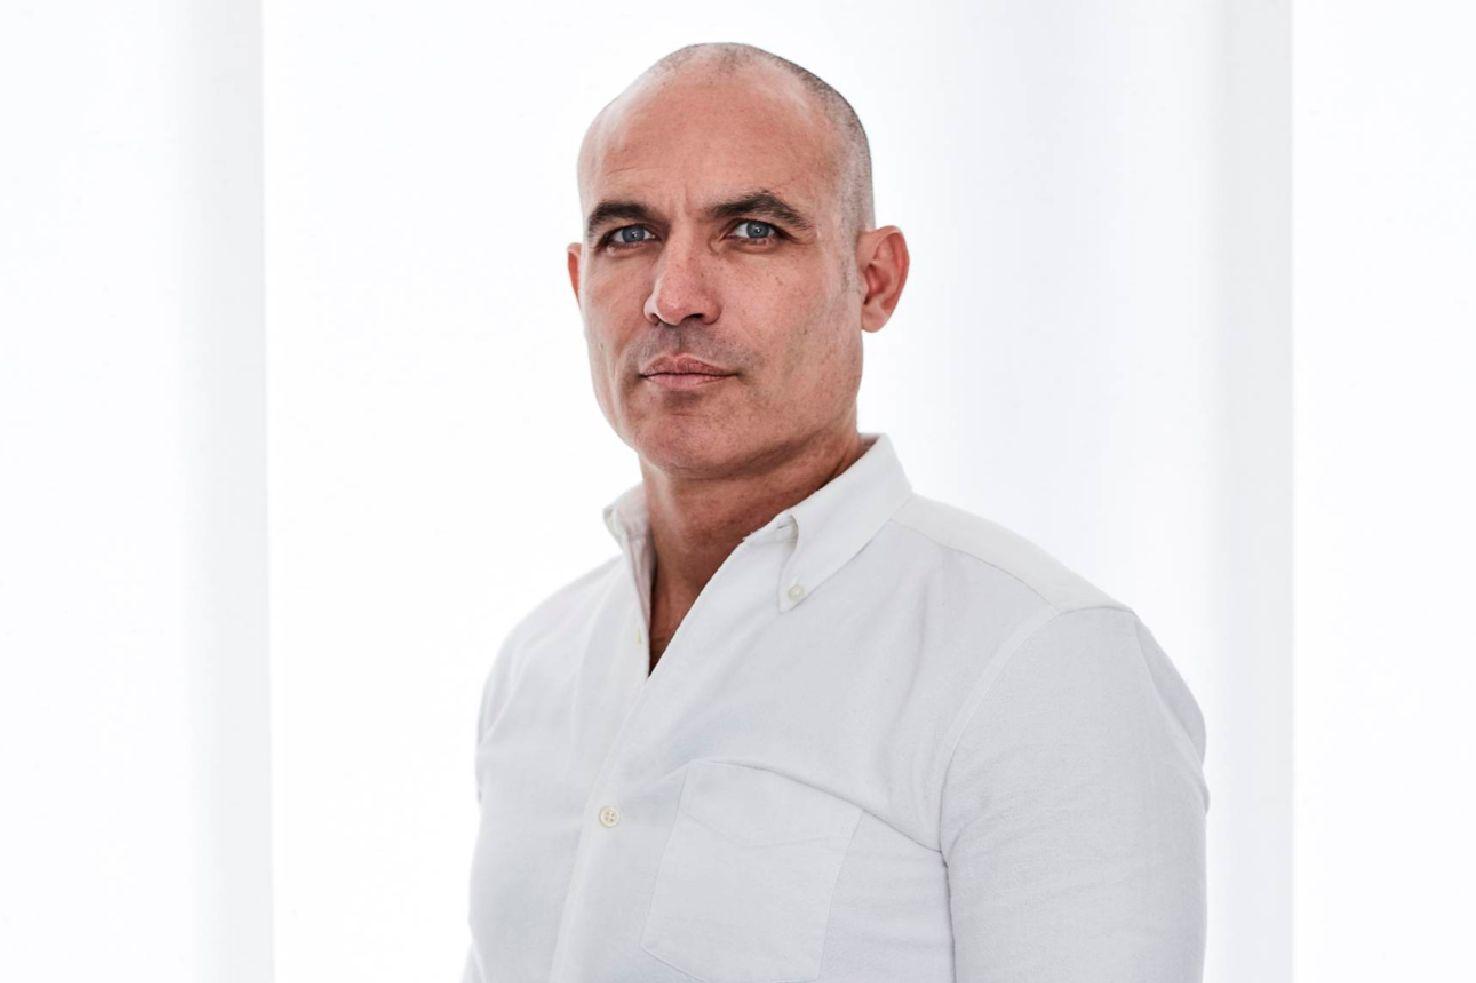 Bernardo Hernández, Verse, Google, emprendedor, tecnología, startup, empresa.